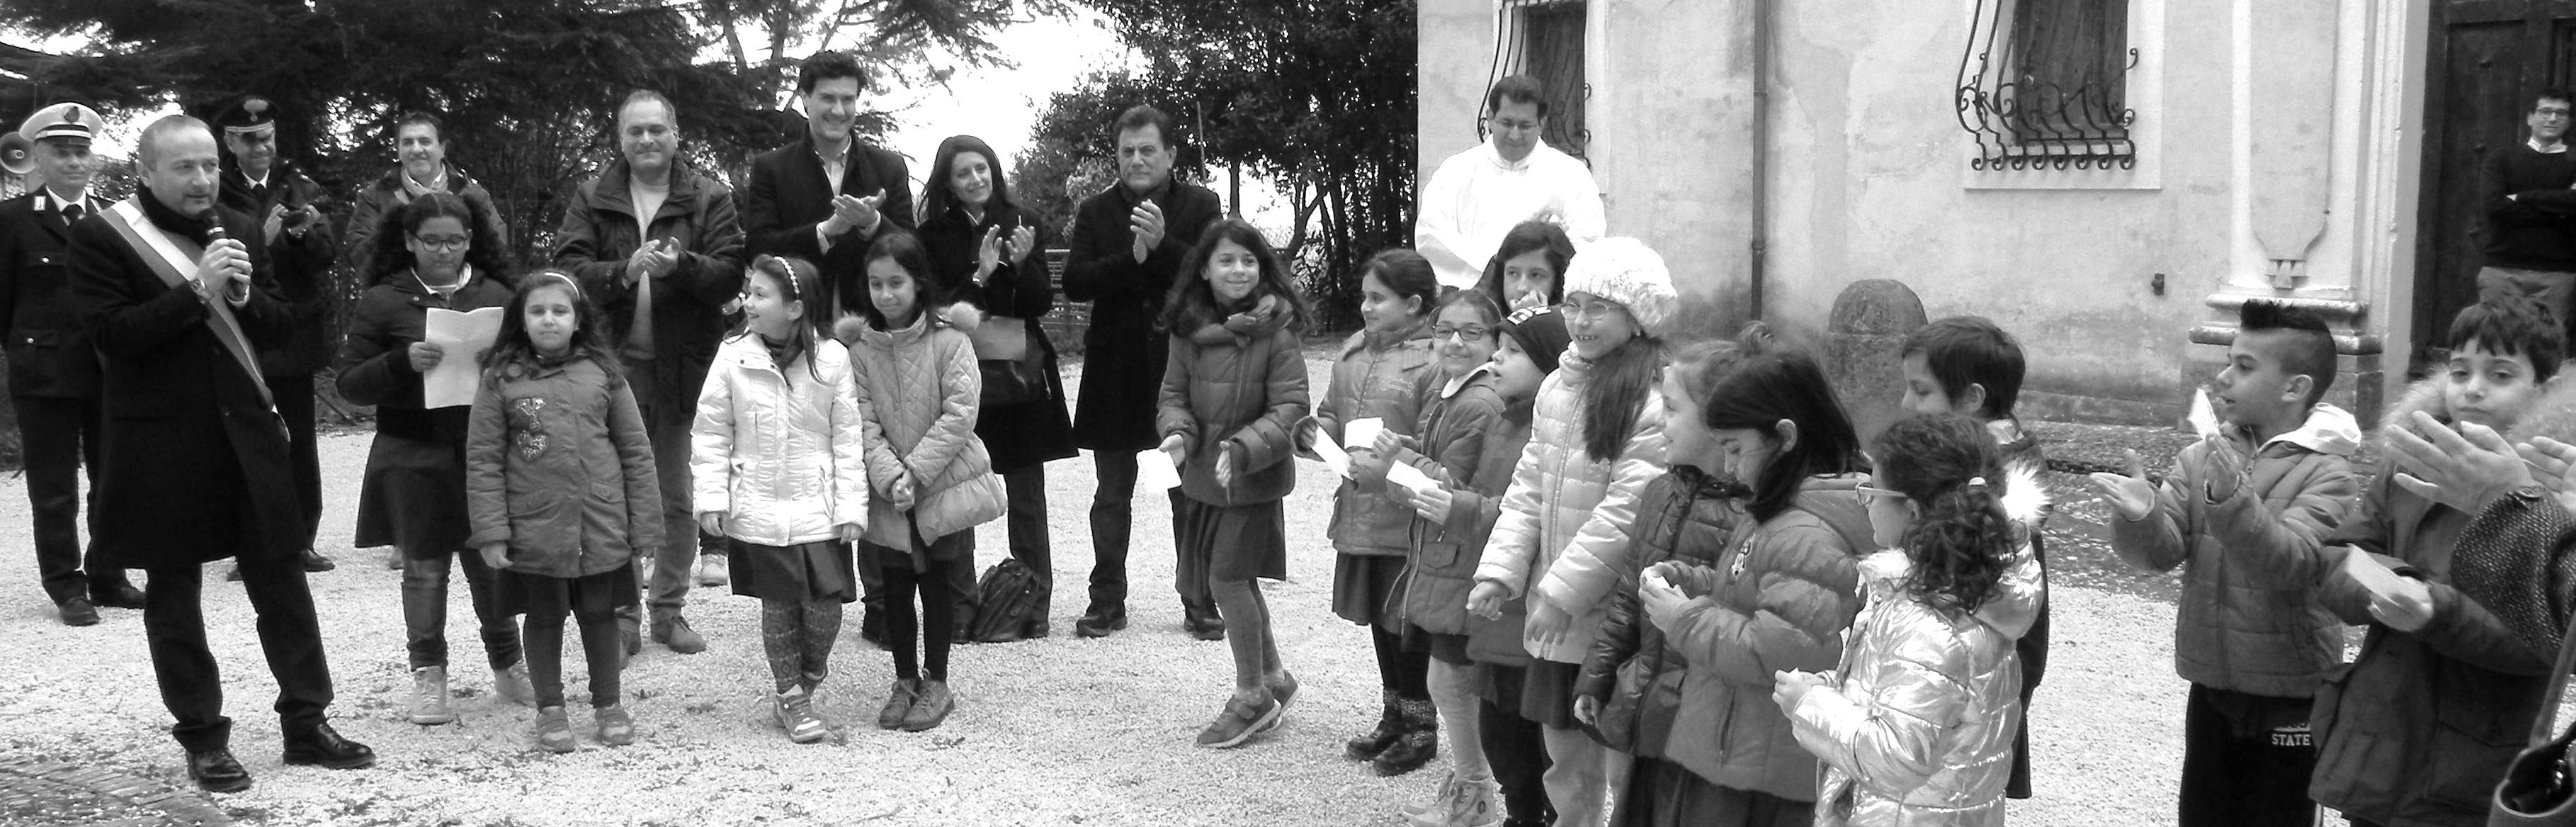 bambini_Villacerbo